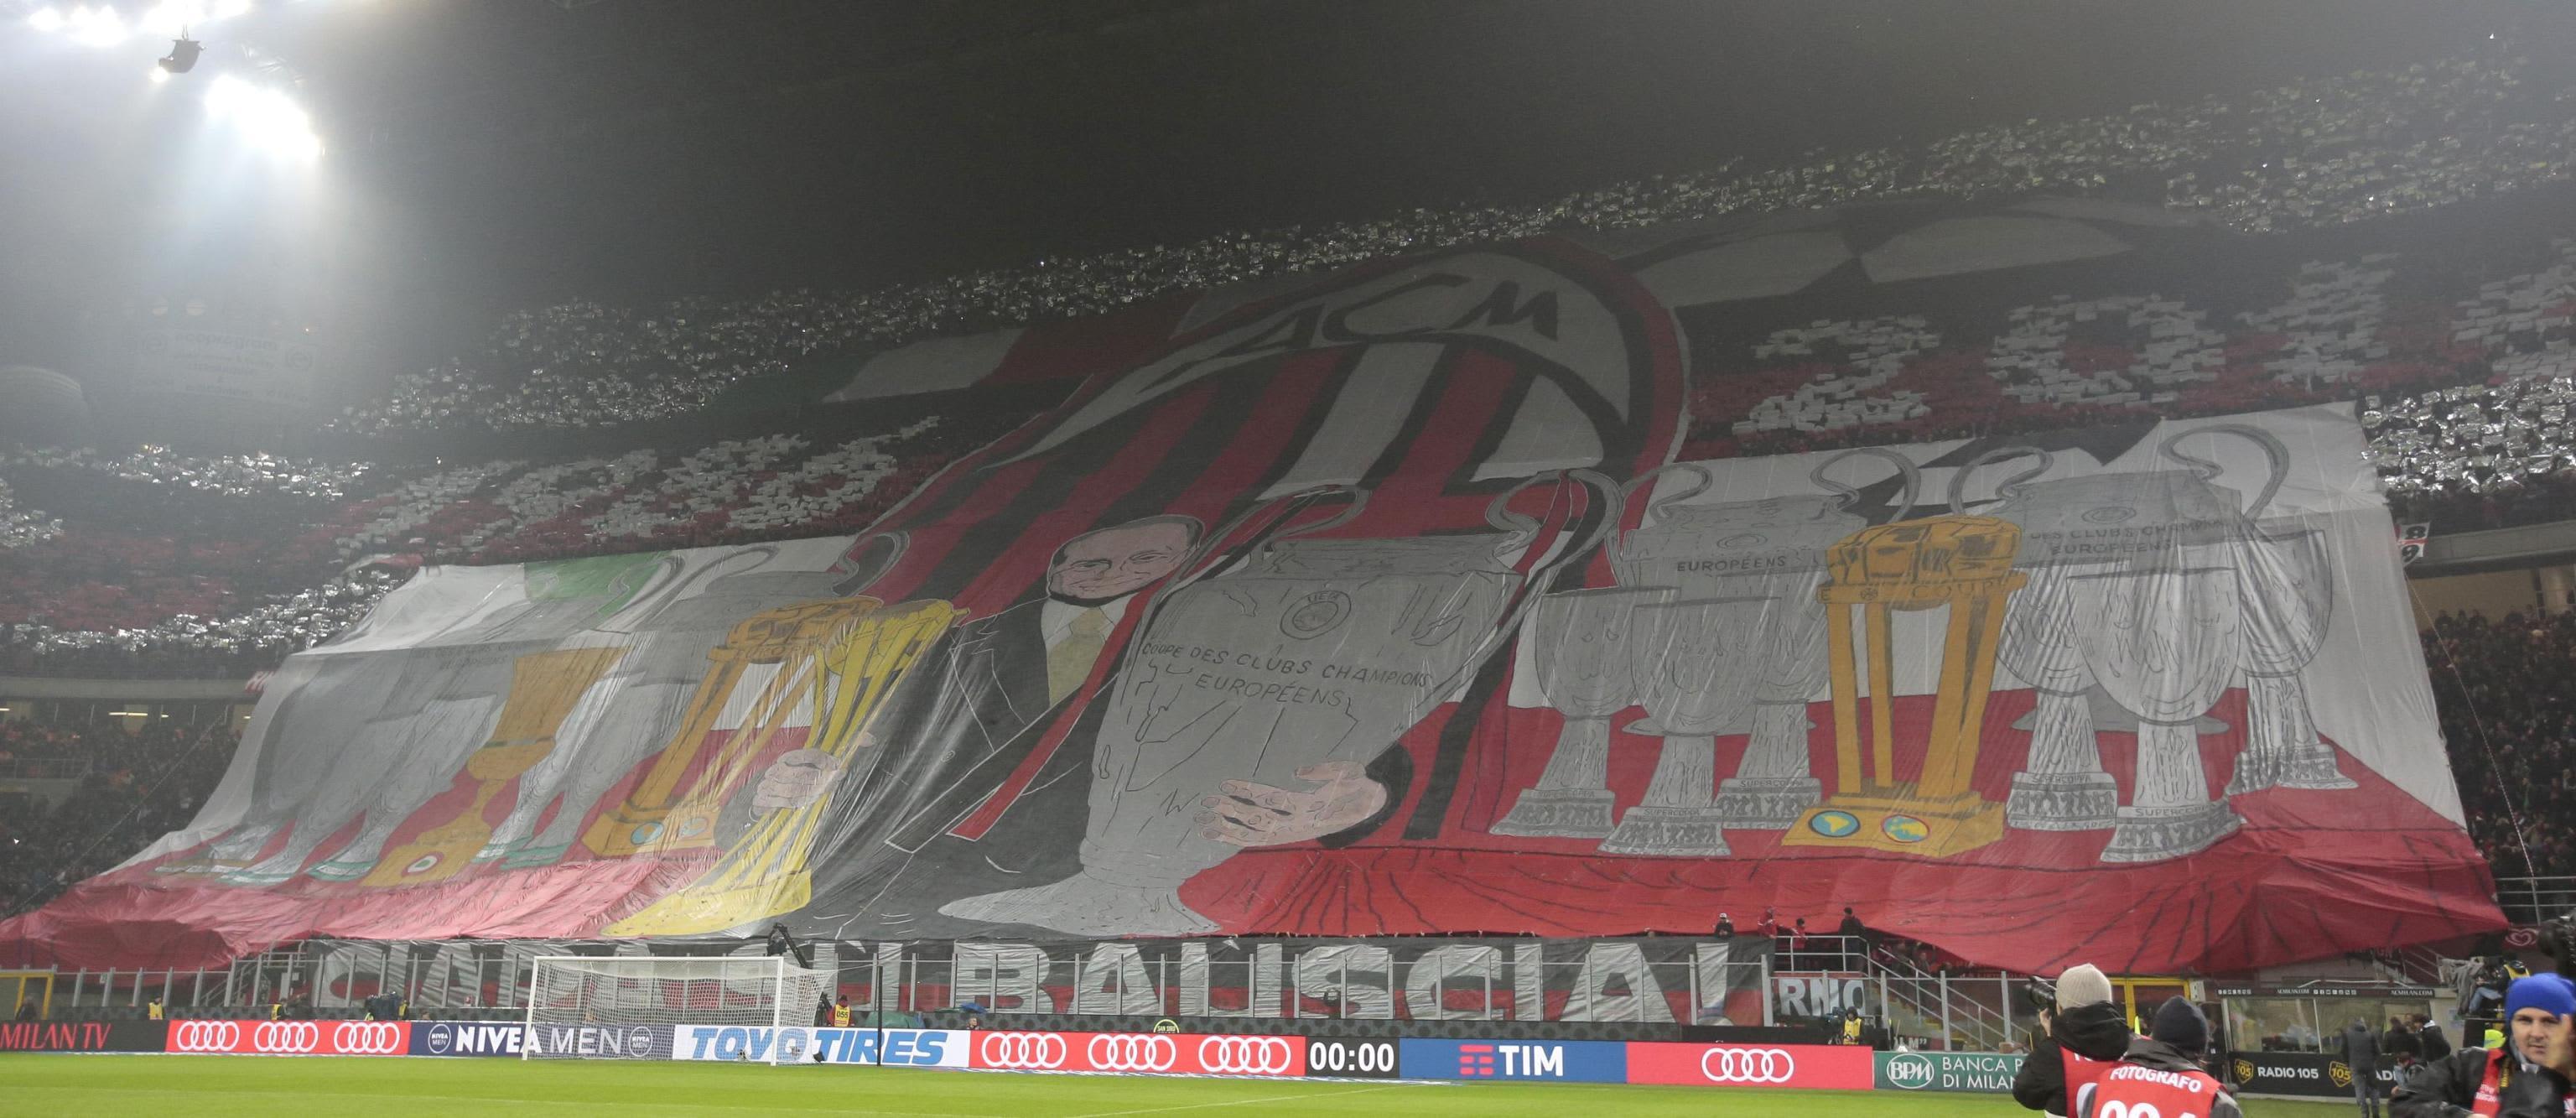 AC Milanin fanit kannustavat joukkuettansa